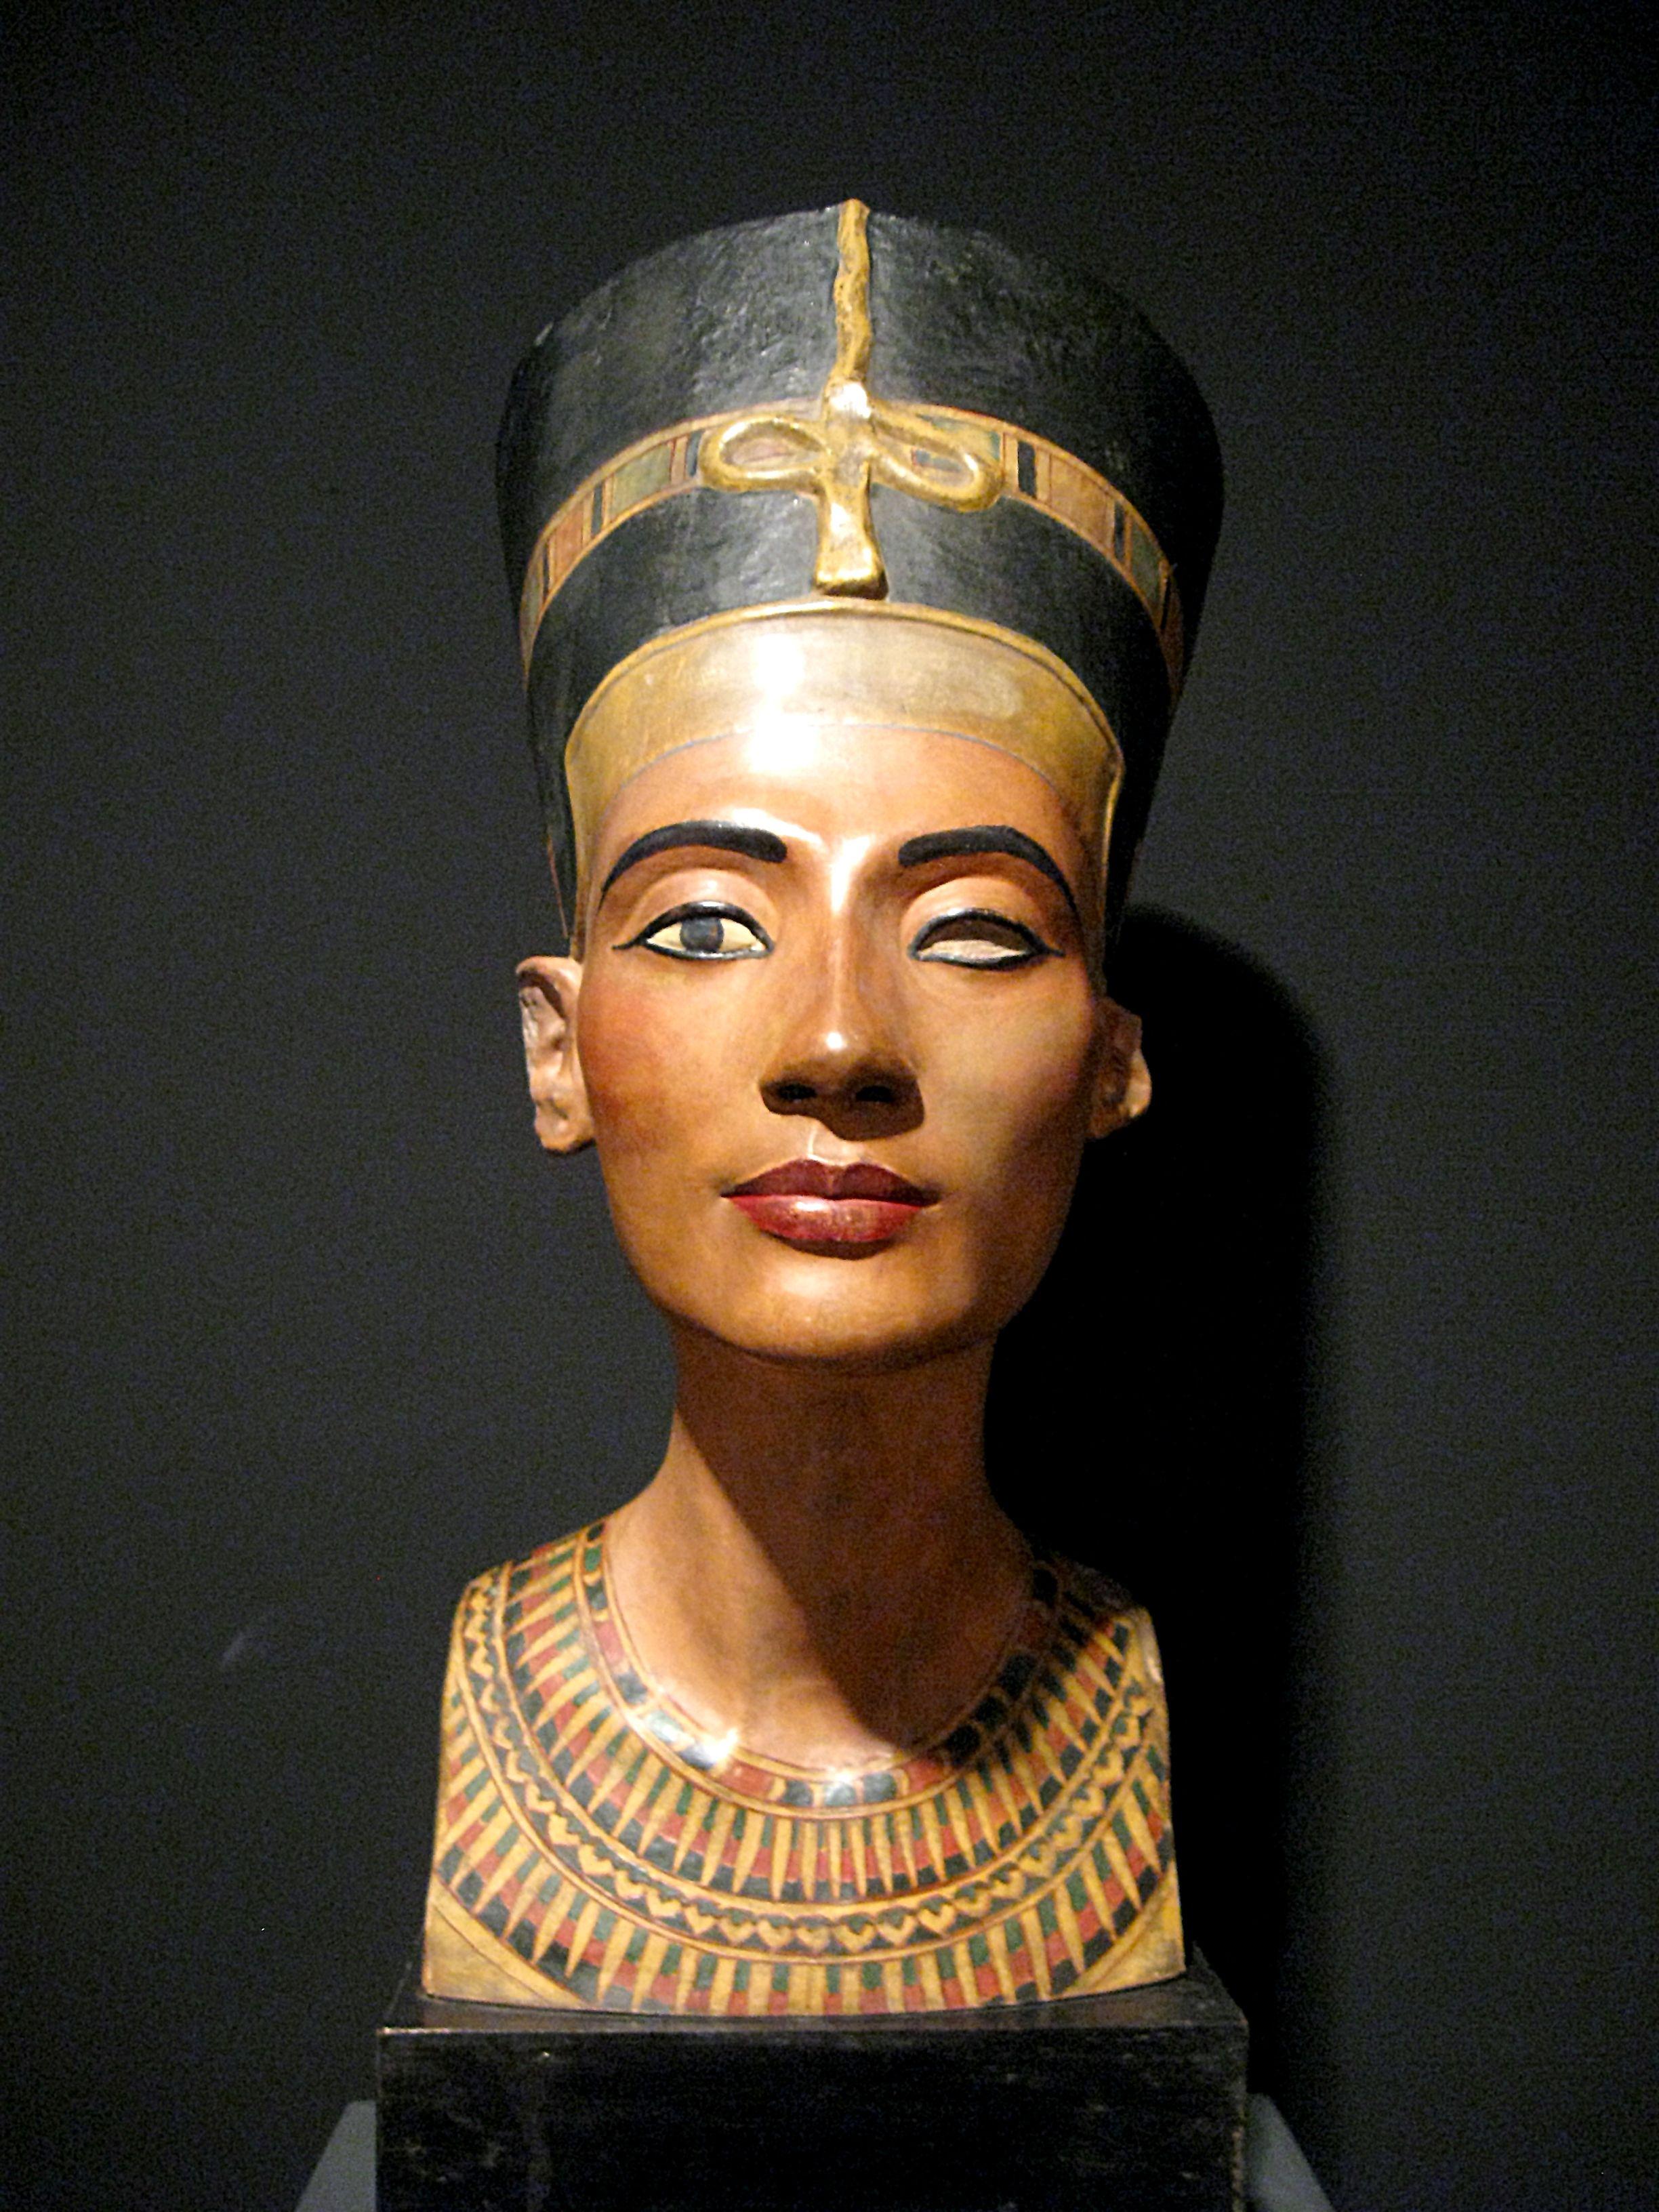 непревзойдённой классики фото клеопатры древний египет настоящие бои проходят режиме